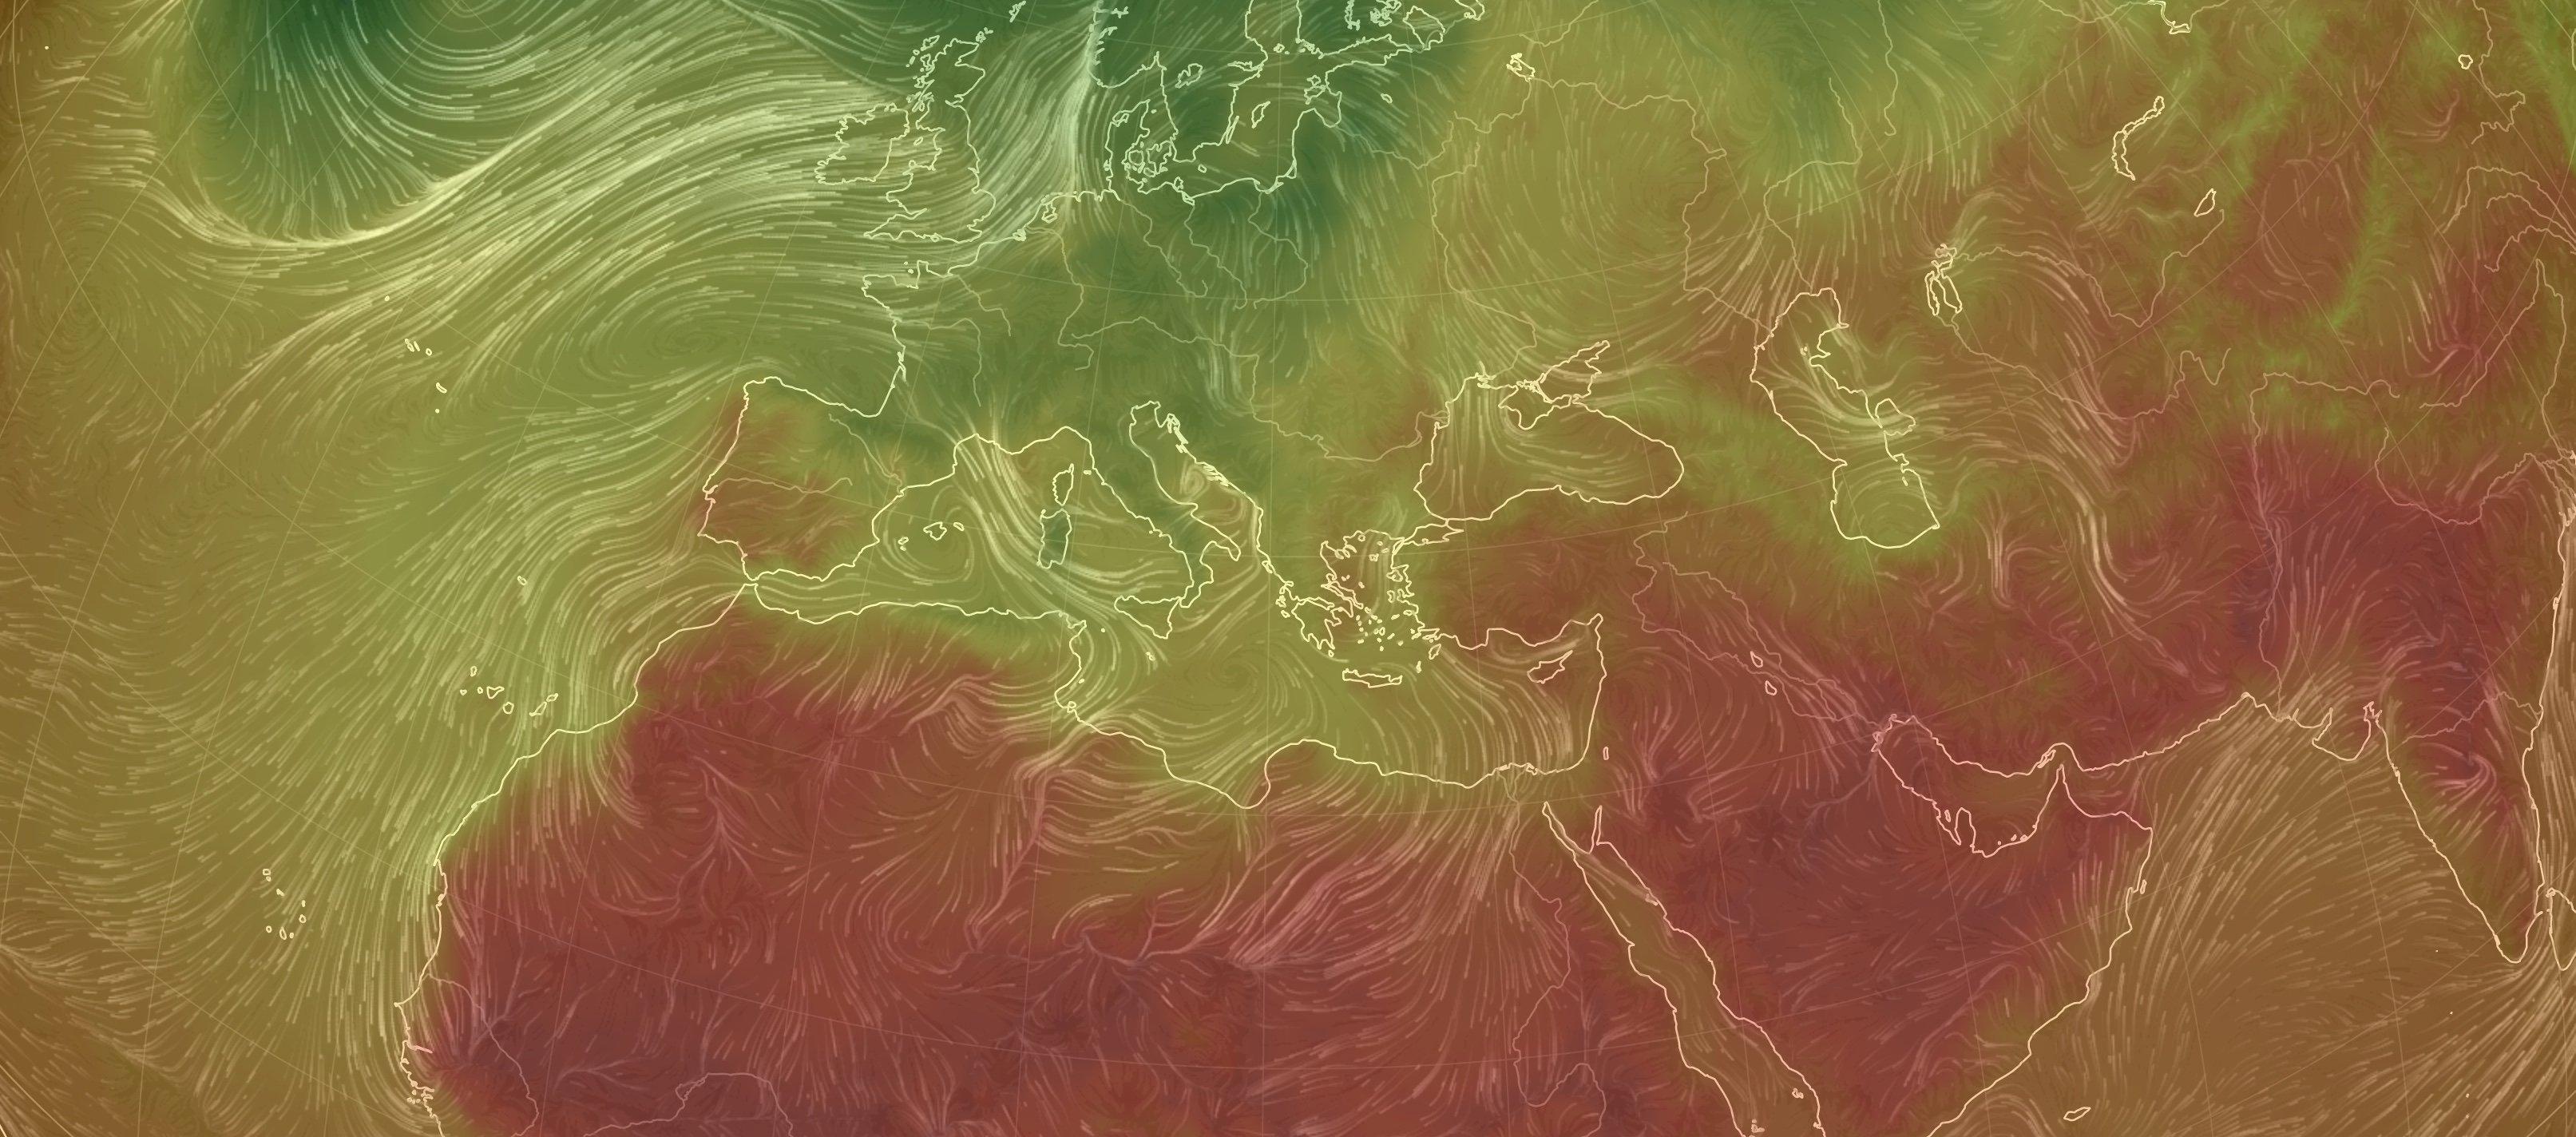 Ausschnitt einer Klimakarte, zu sehen sind Luftbewegungen und Temperaturen der Nordhalbkugel der Erde